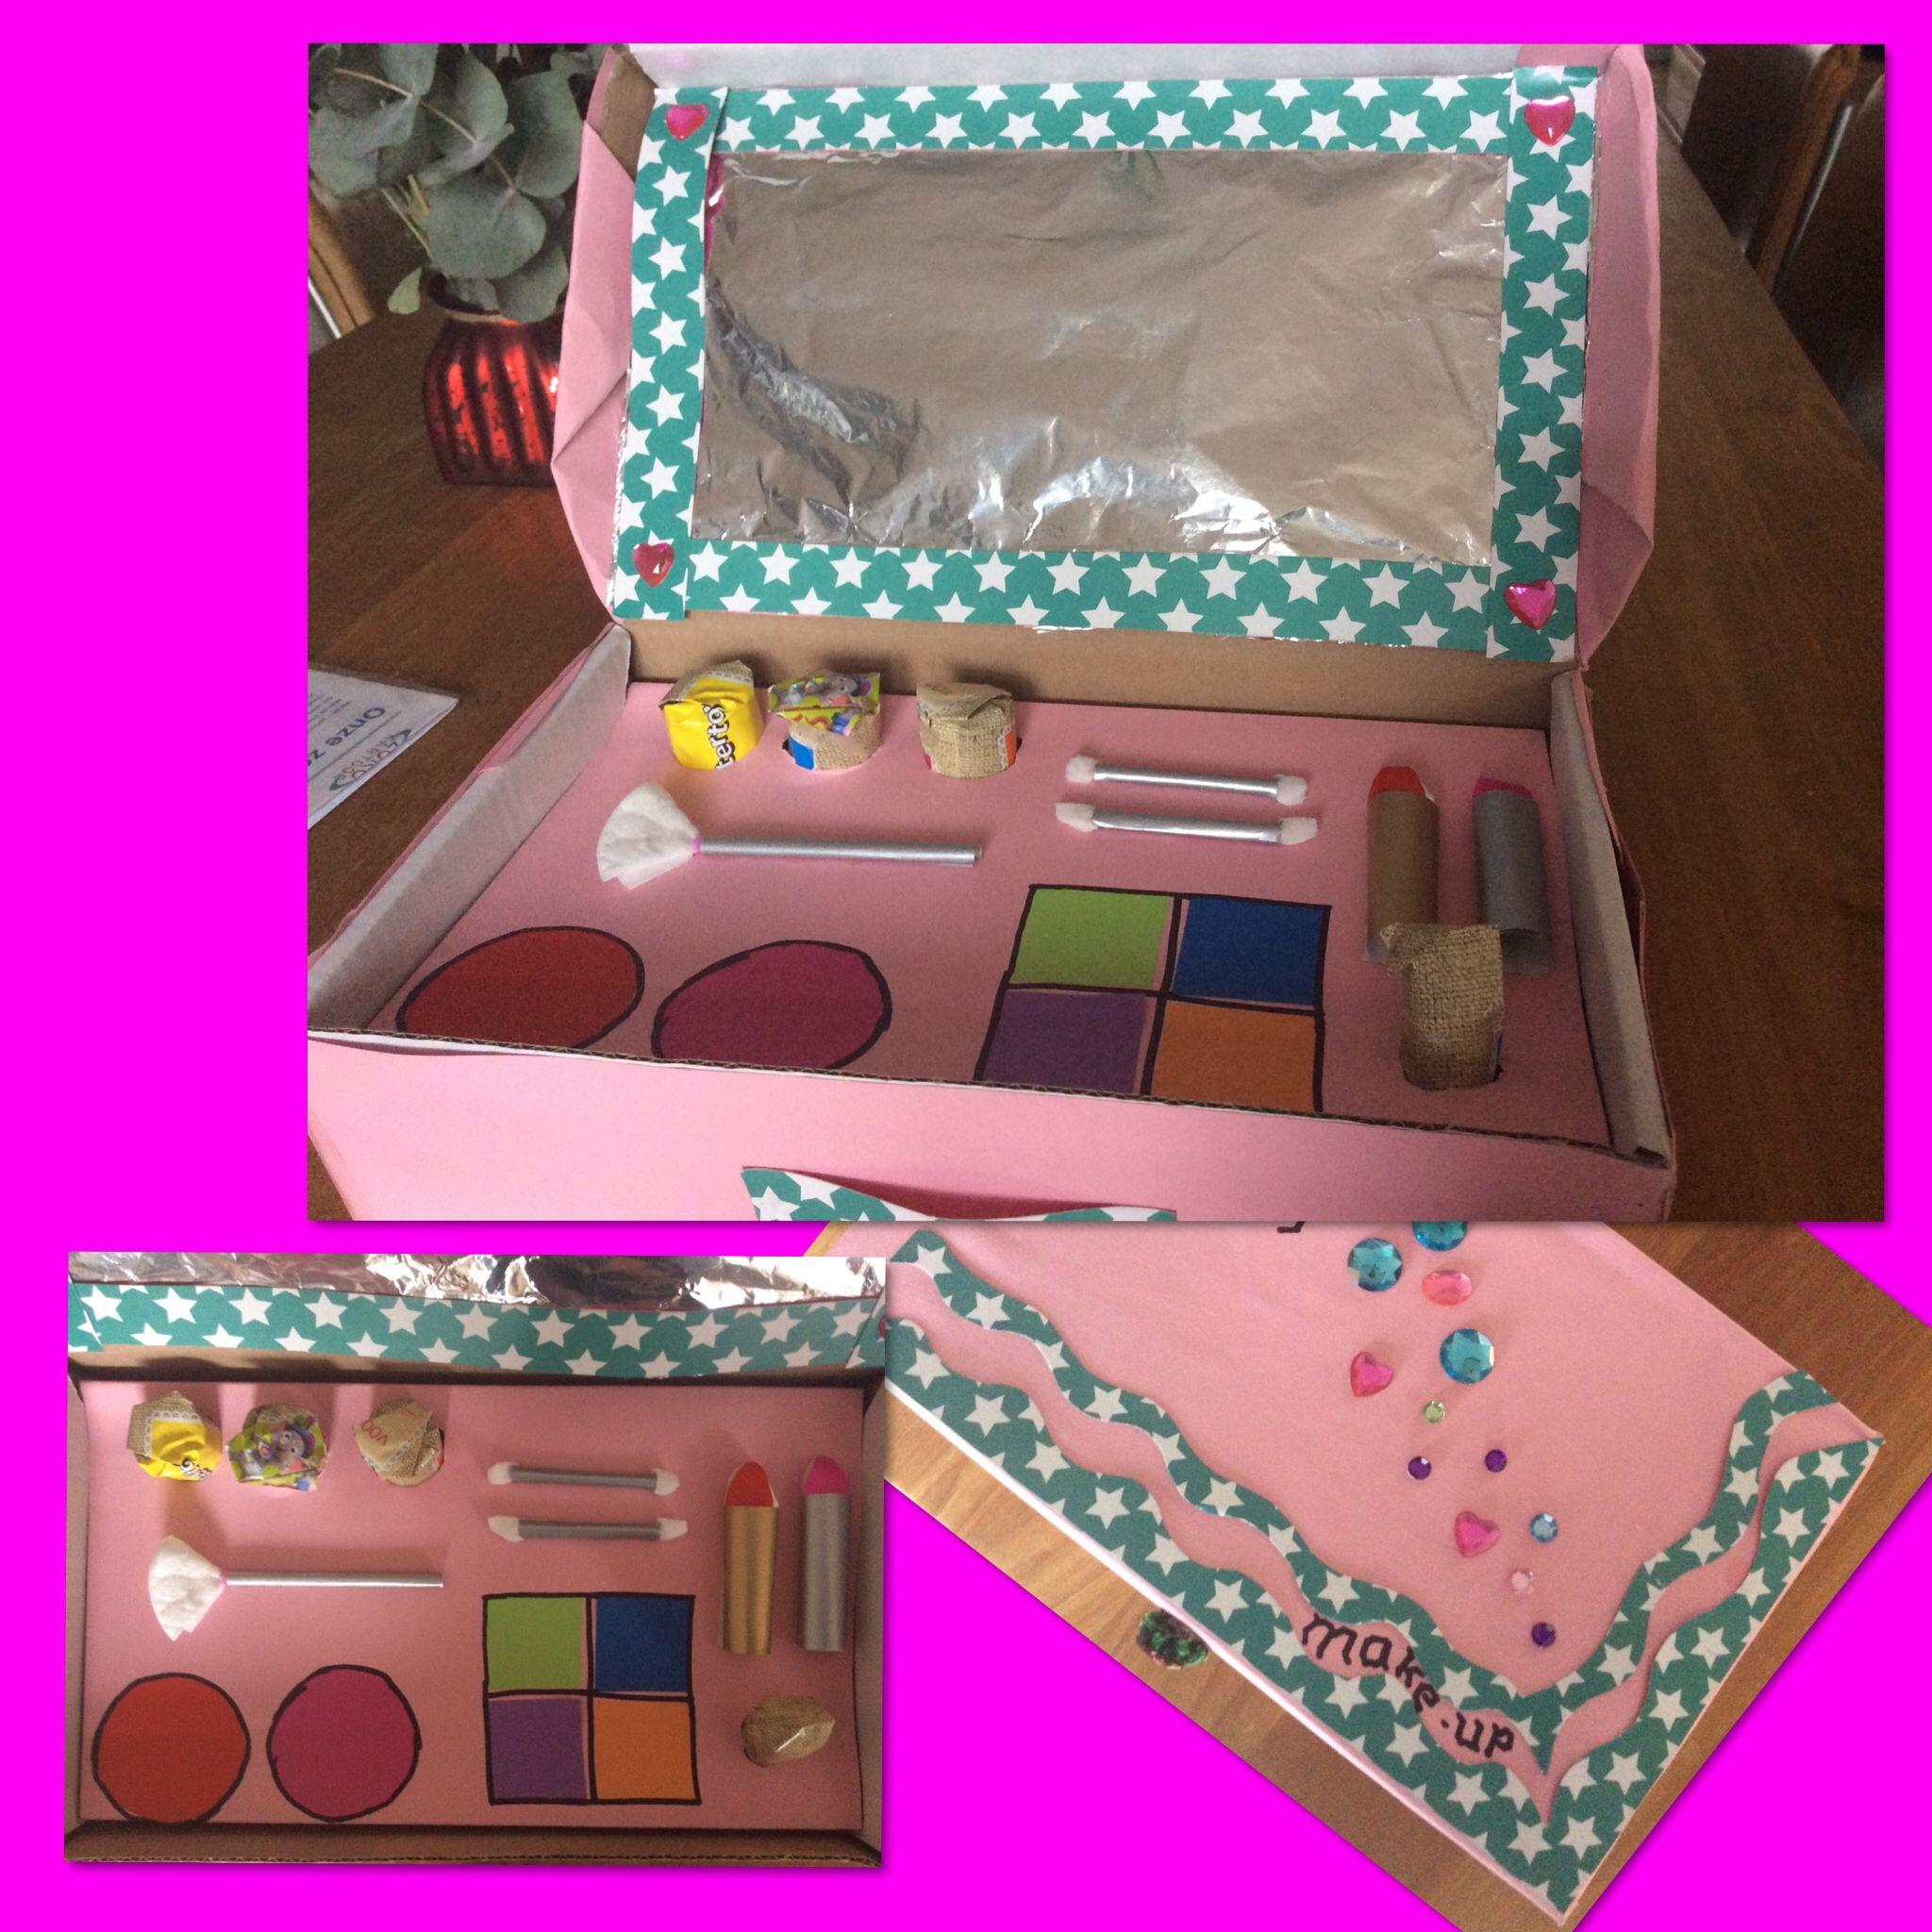 simpele maar leuke make up doos voor een meisje